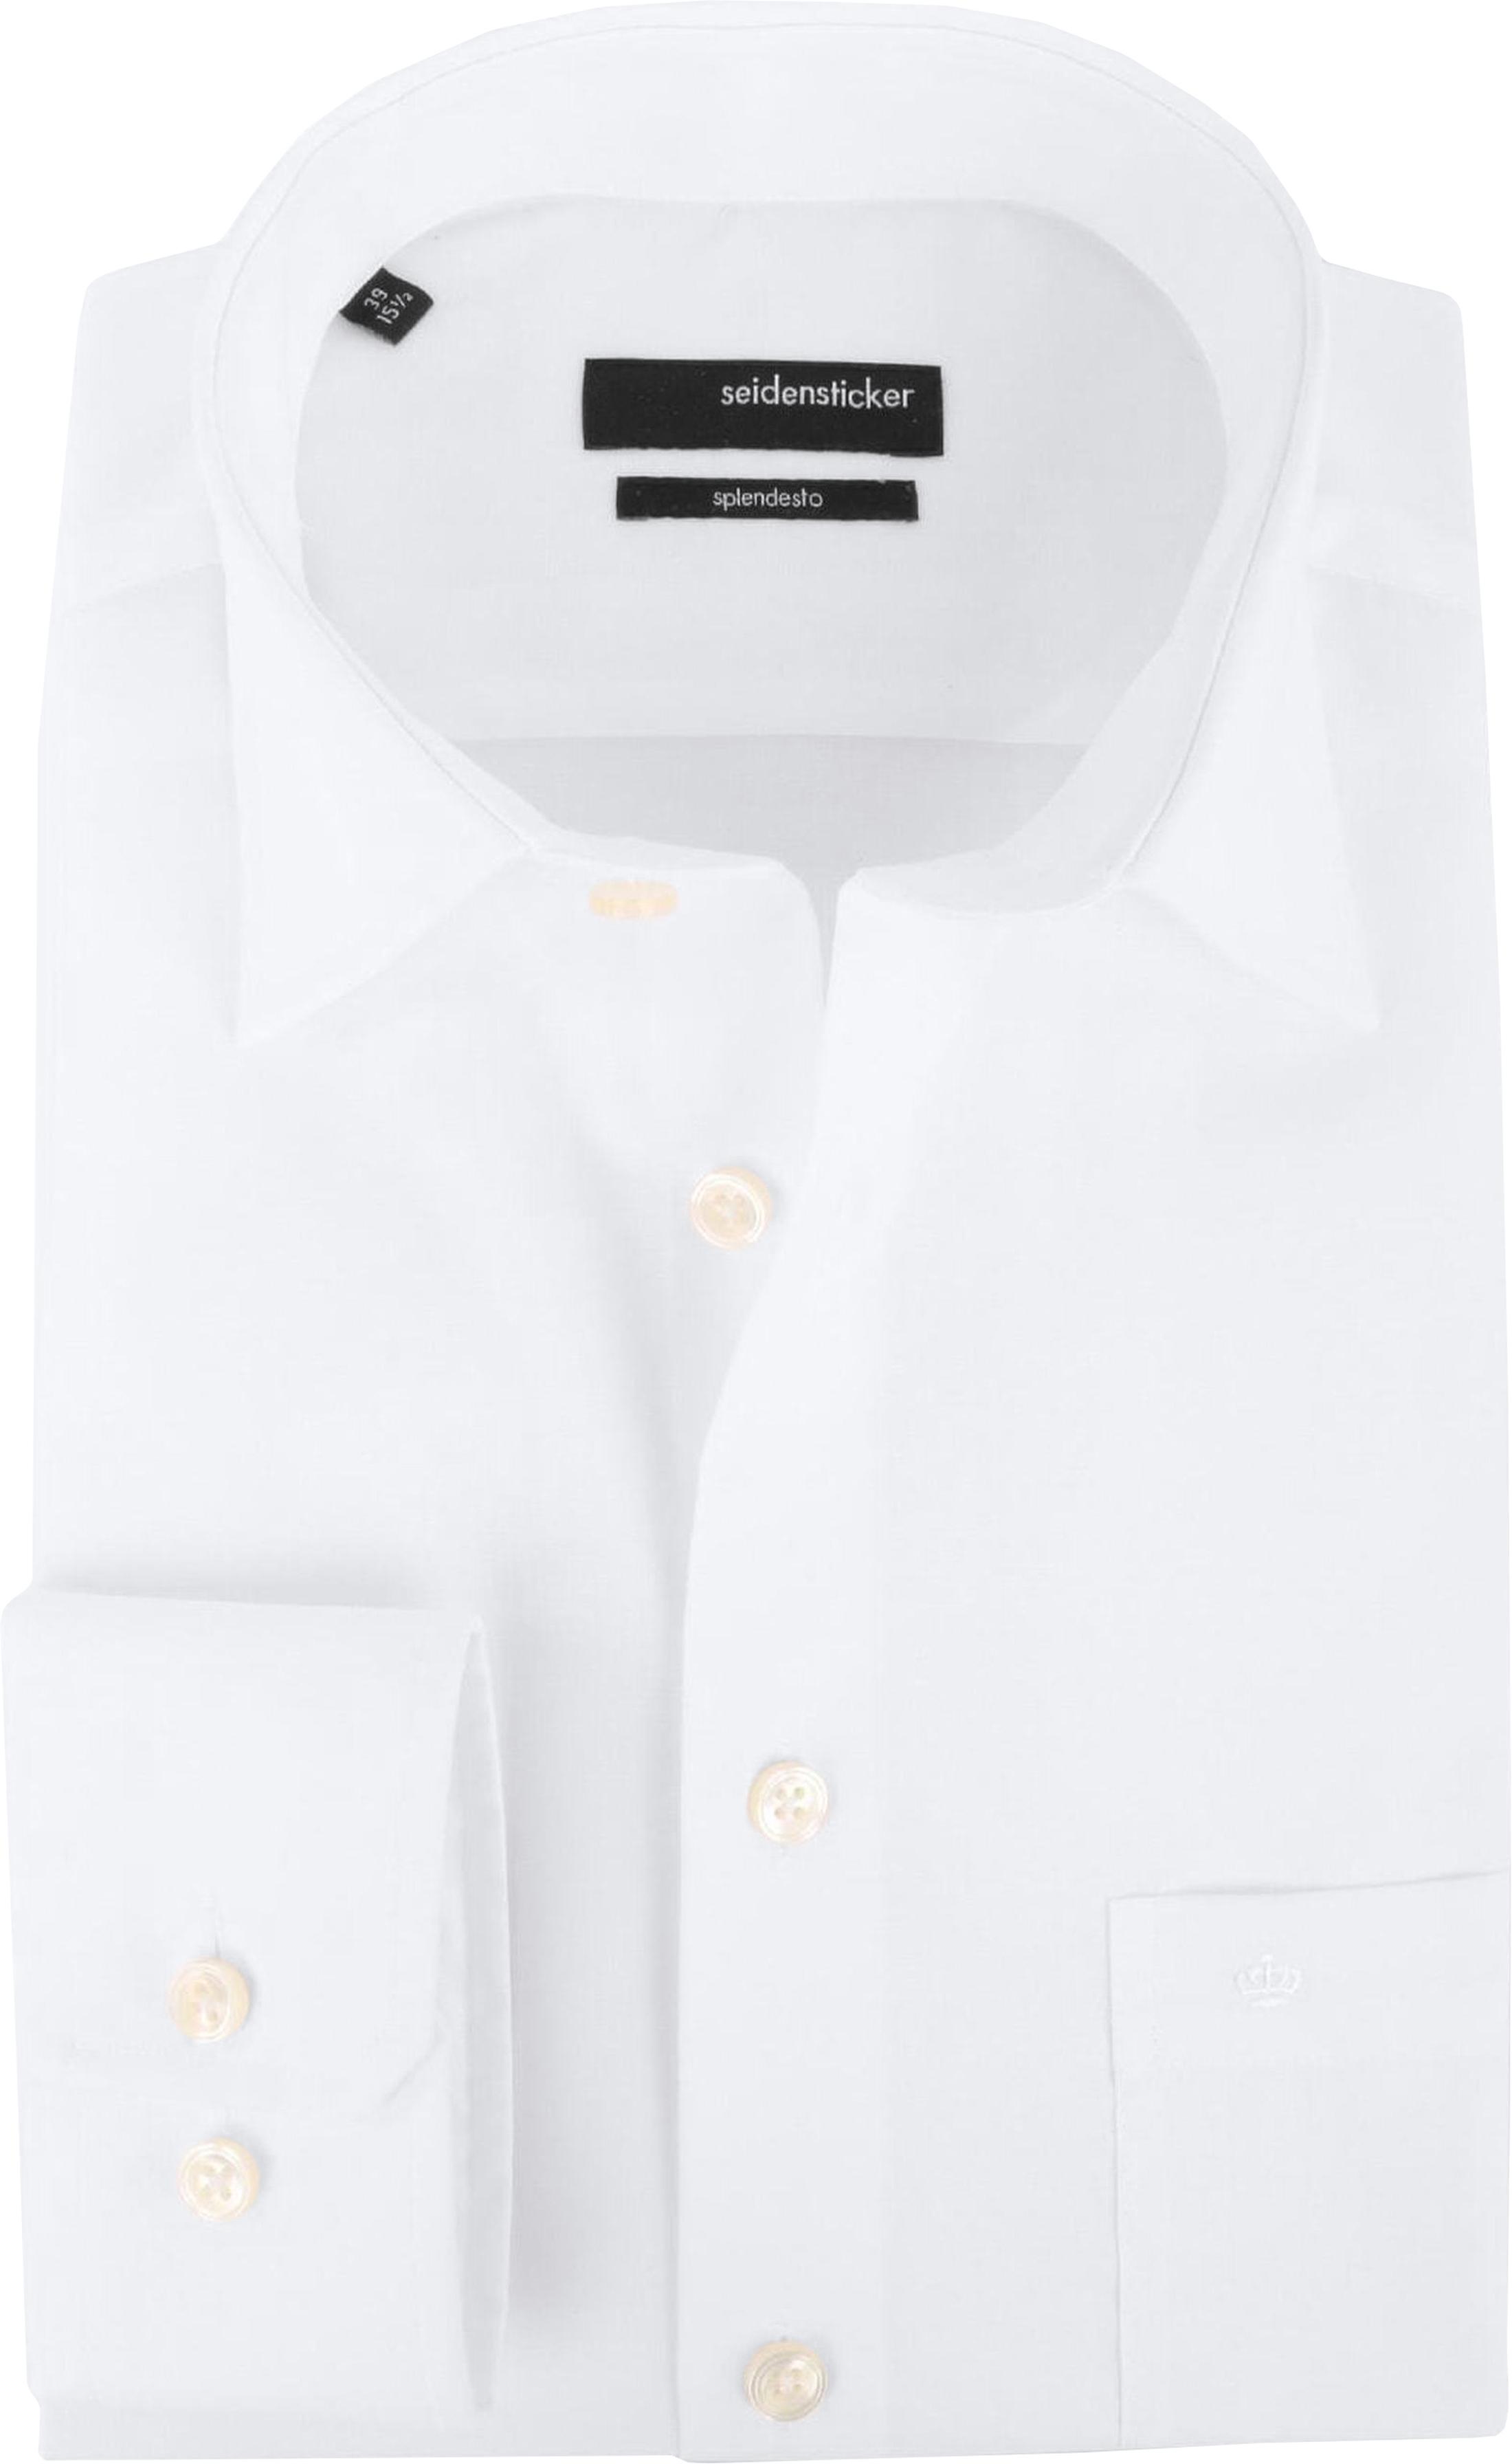 Seidensticker Hemd Modern Bügelfrei  Weiß foto 0